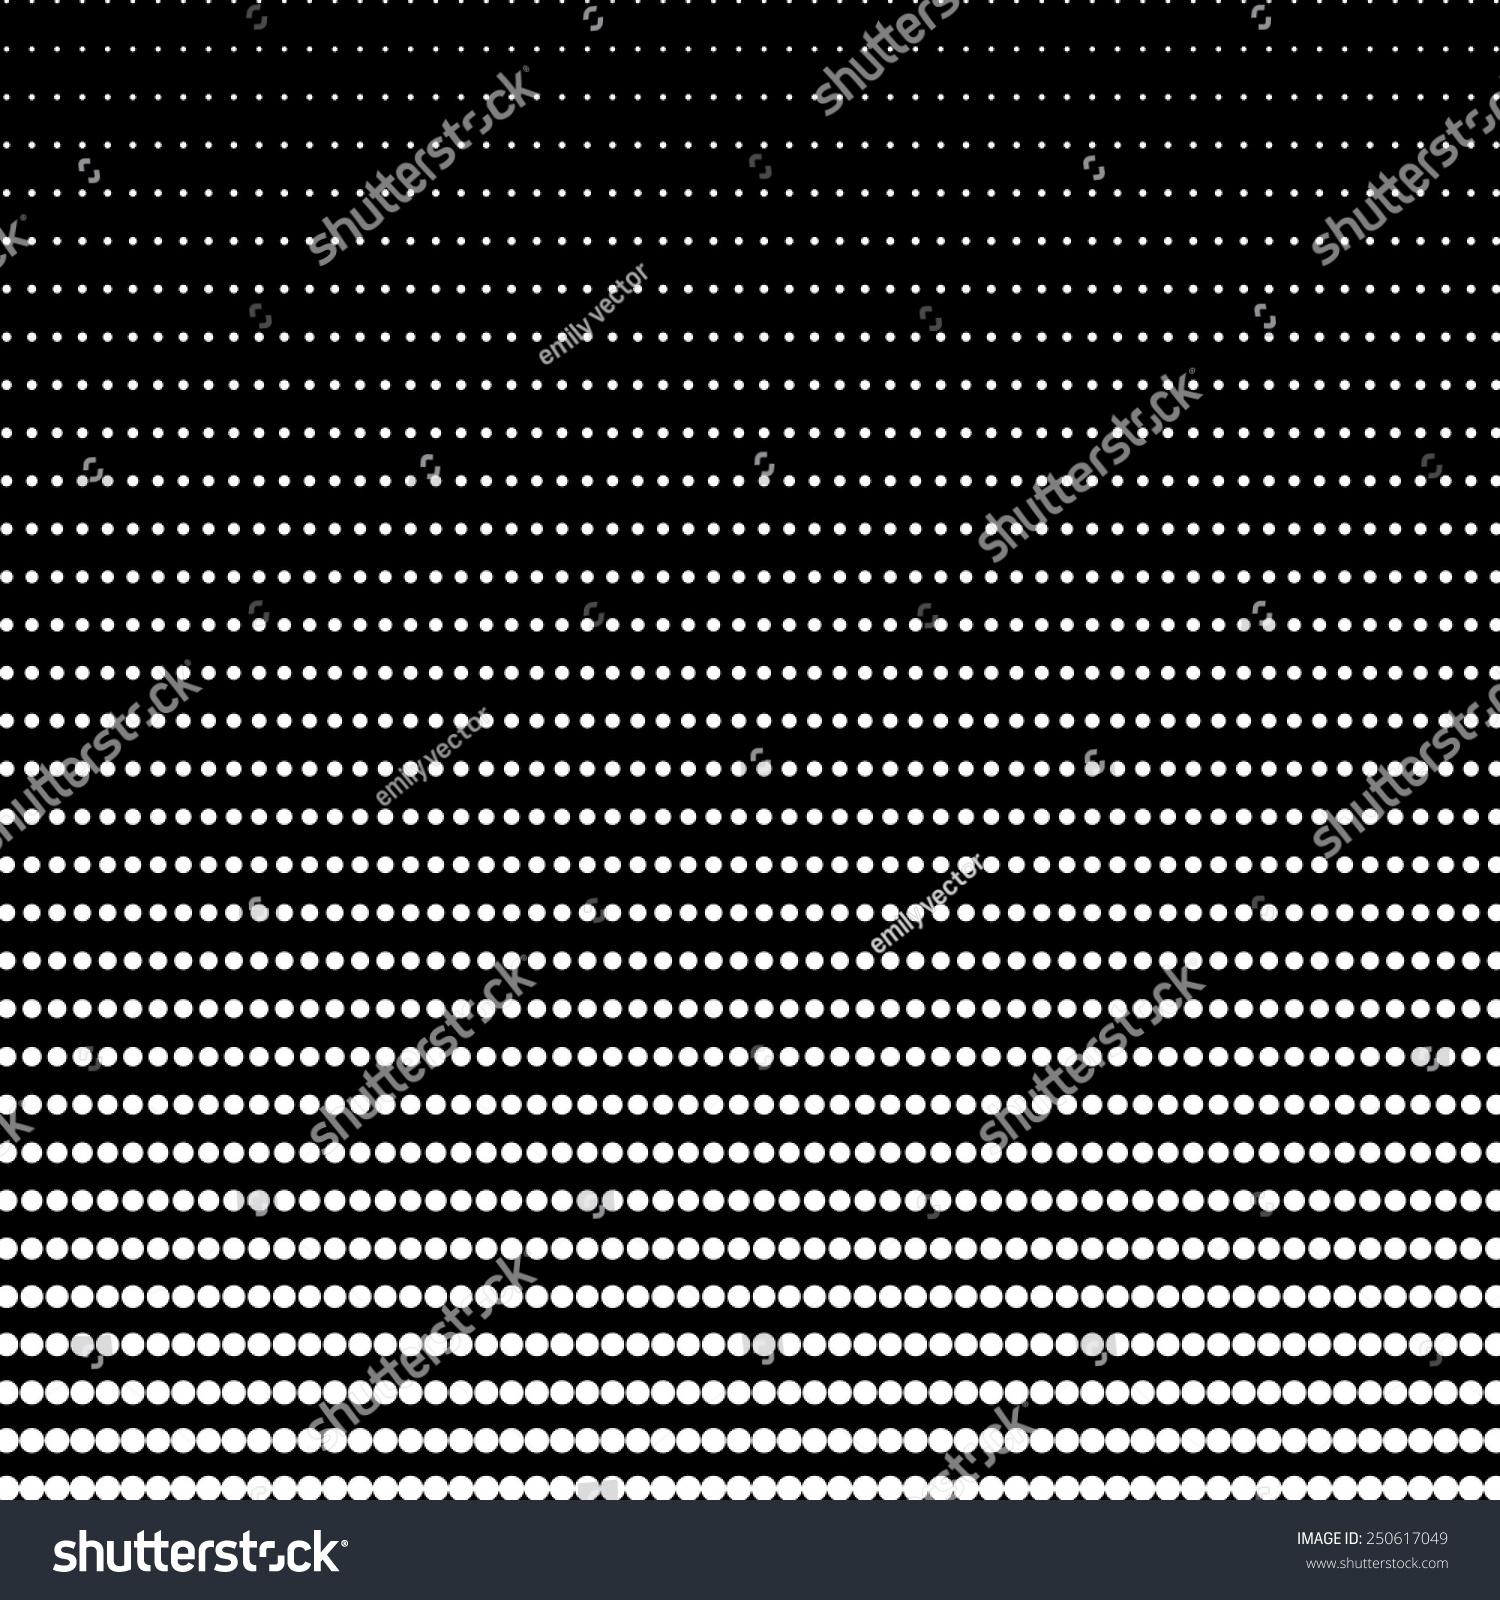 黑点在白色背景上.-背景/素材,抽象-海洛